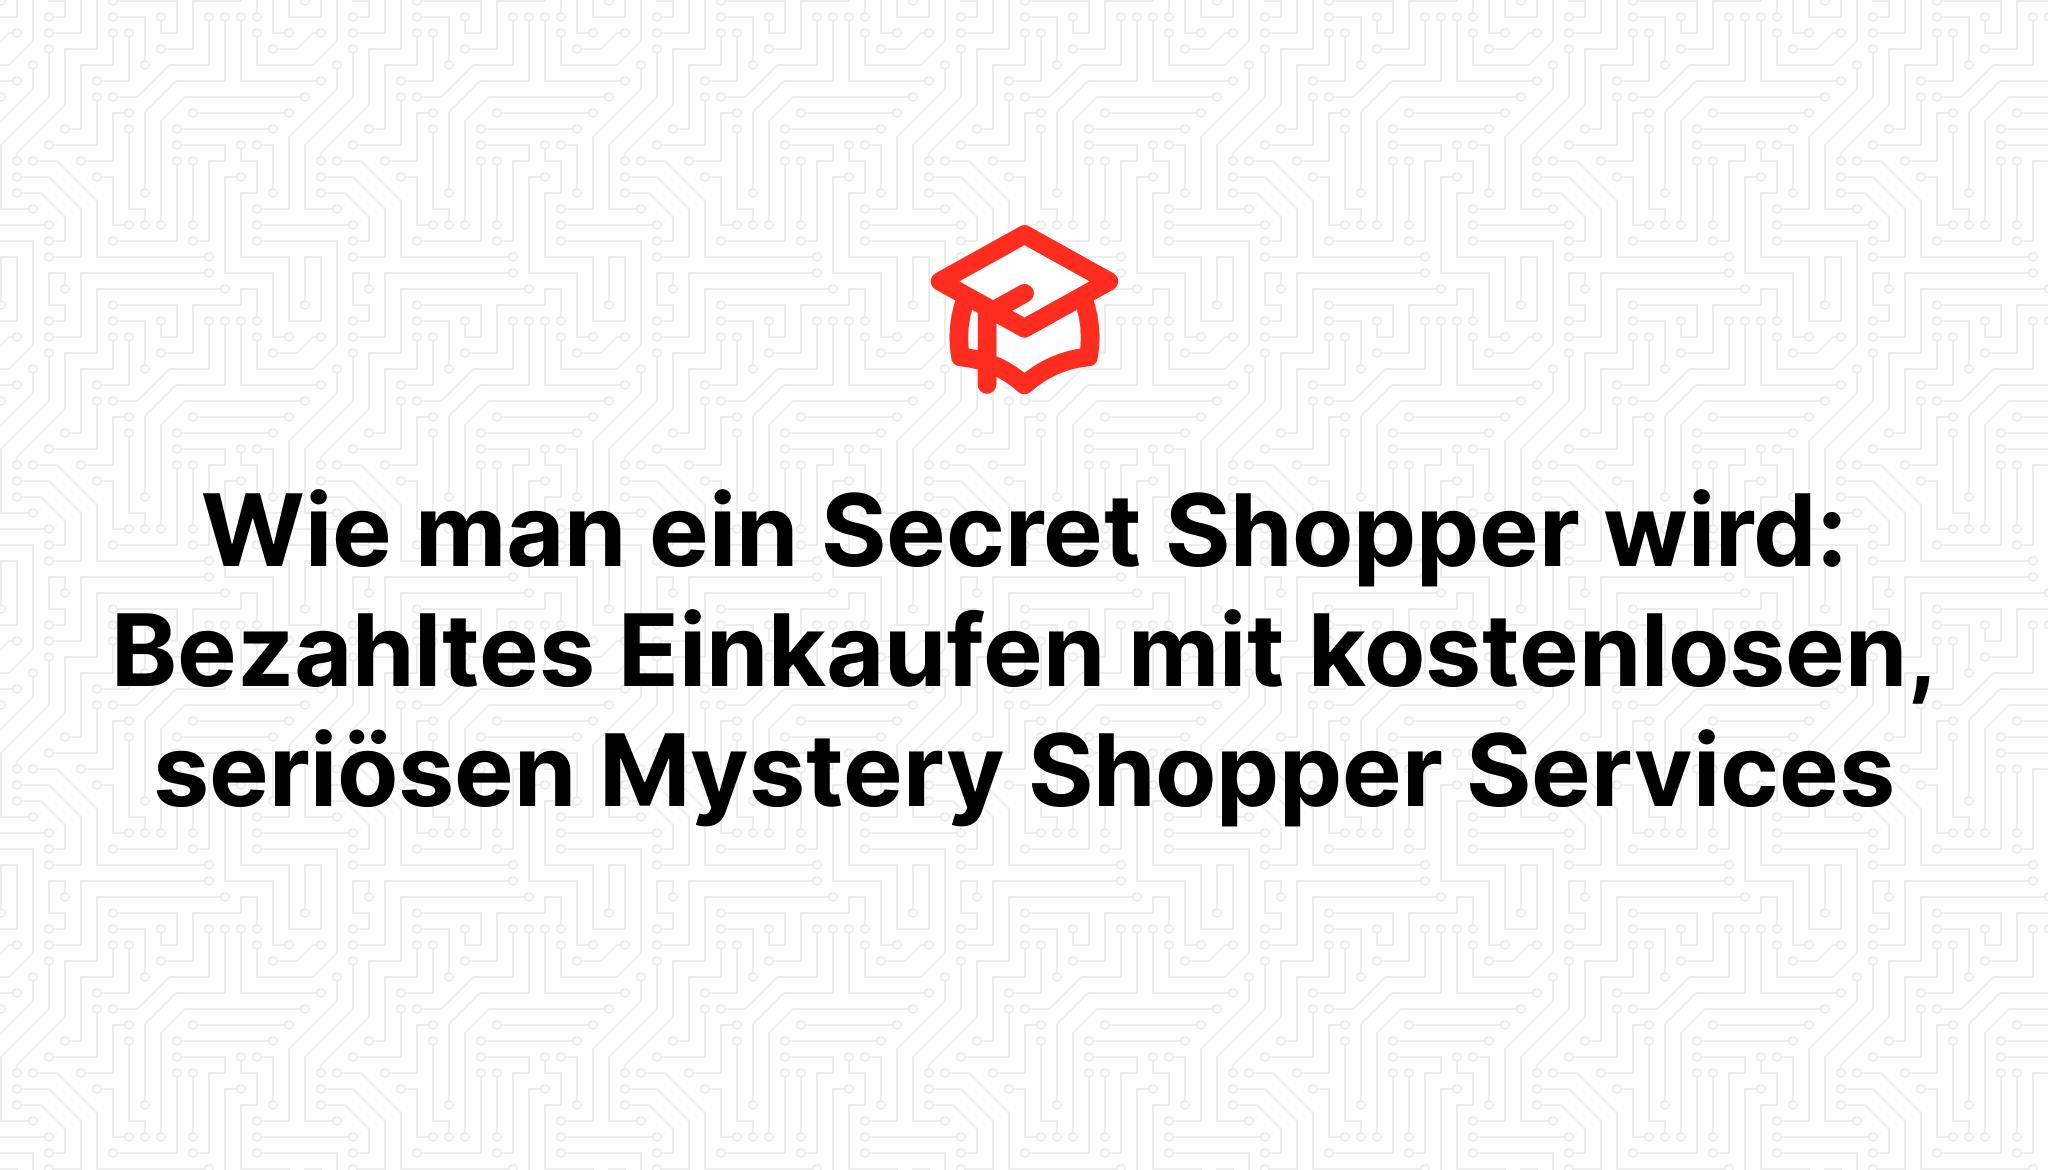 Wie man ein Secret Shopper wird: Bezahltes Einkaufen mit kostenlosen, seriösen Mystery Shopper Services